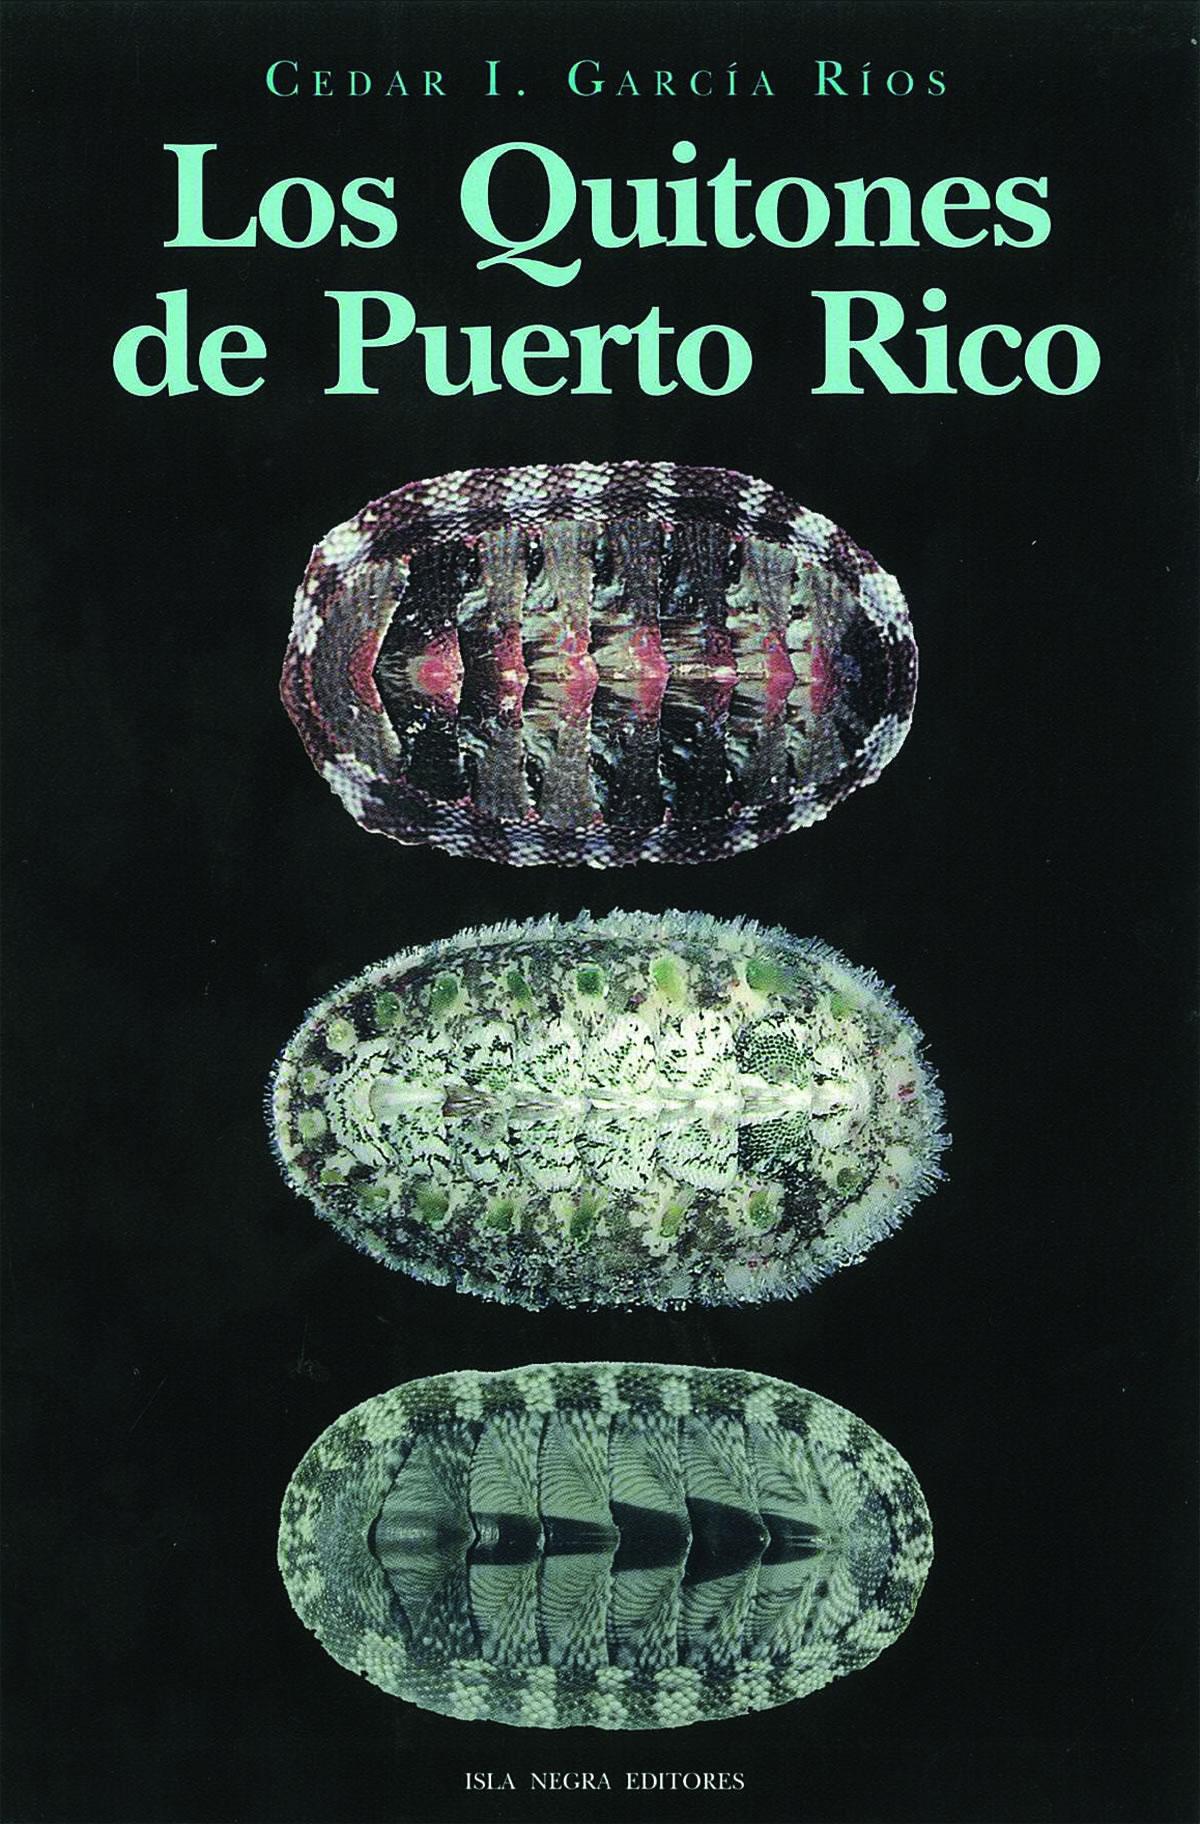 Los Quitones de Puerto Rico